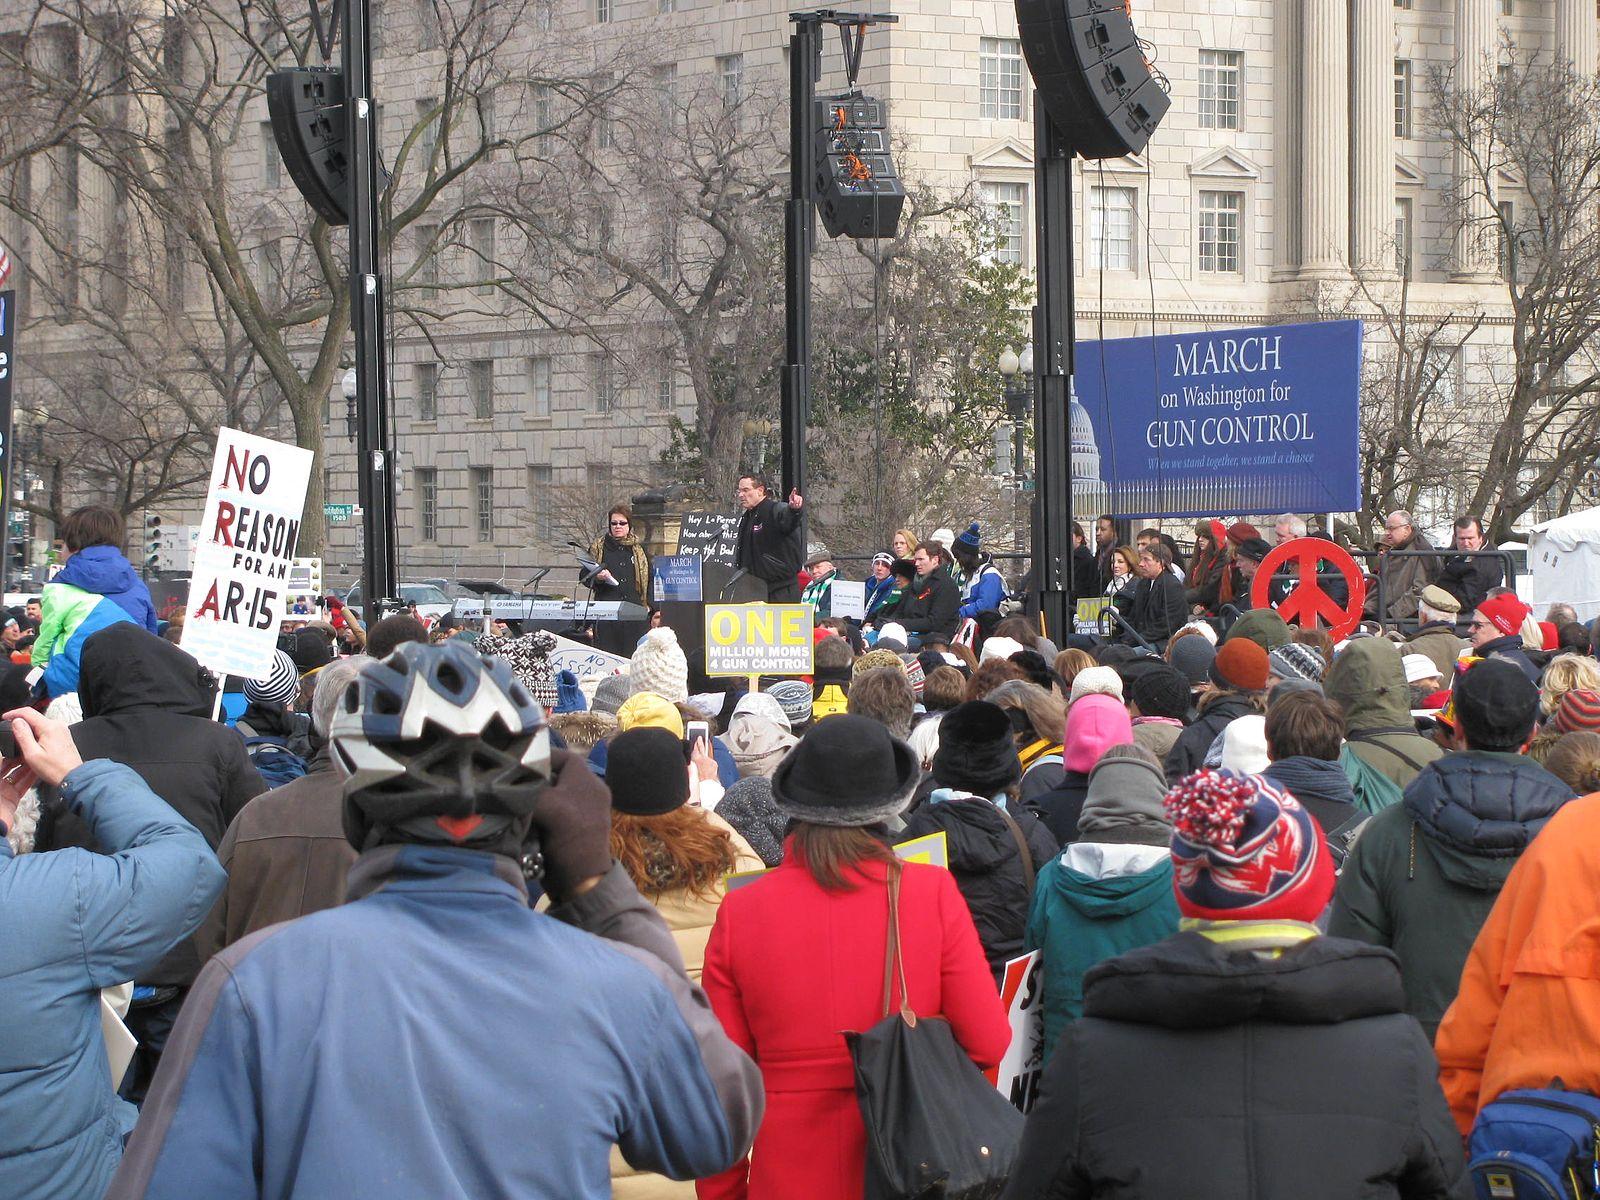 Miles marcharon en las calles de Washington, DC por un mayor control en la posesión de armas el 26 de enero de 2013.